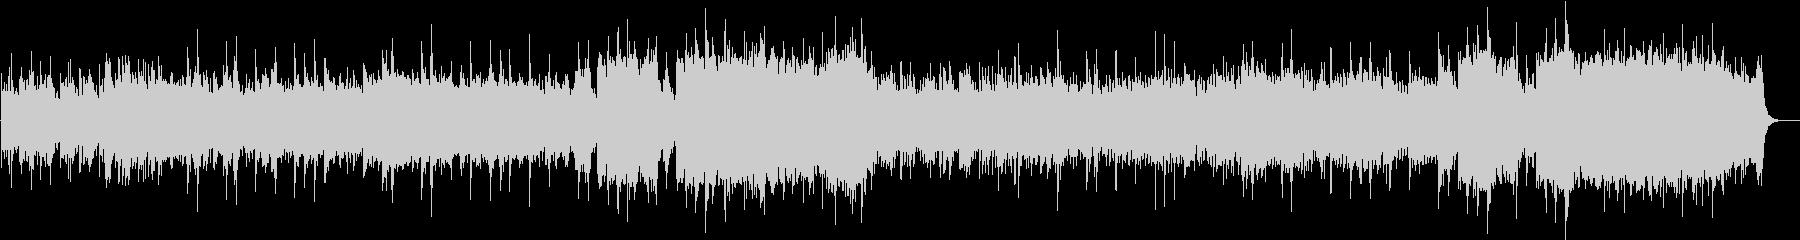 月光ソナタ オルゴールオーケストラverの未再生の波形